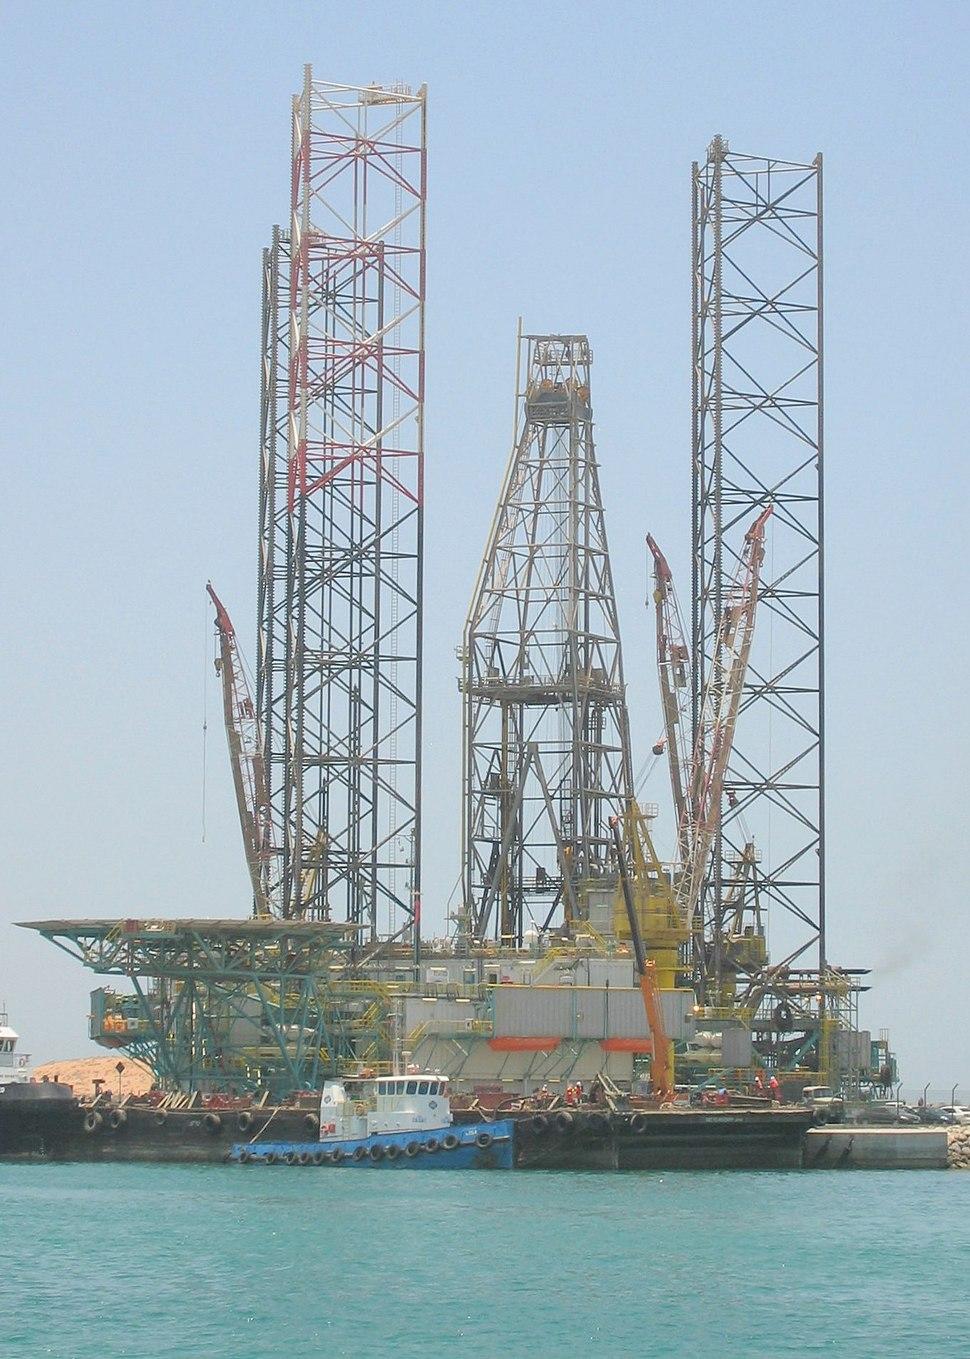 Drilling rig, jack up type, Abu Dhabi port (Mena Zayed), Abu Dhabi, United Arab Emirates, May 2008